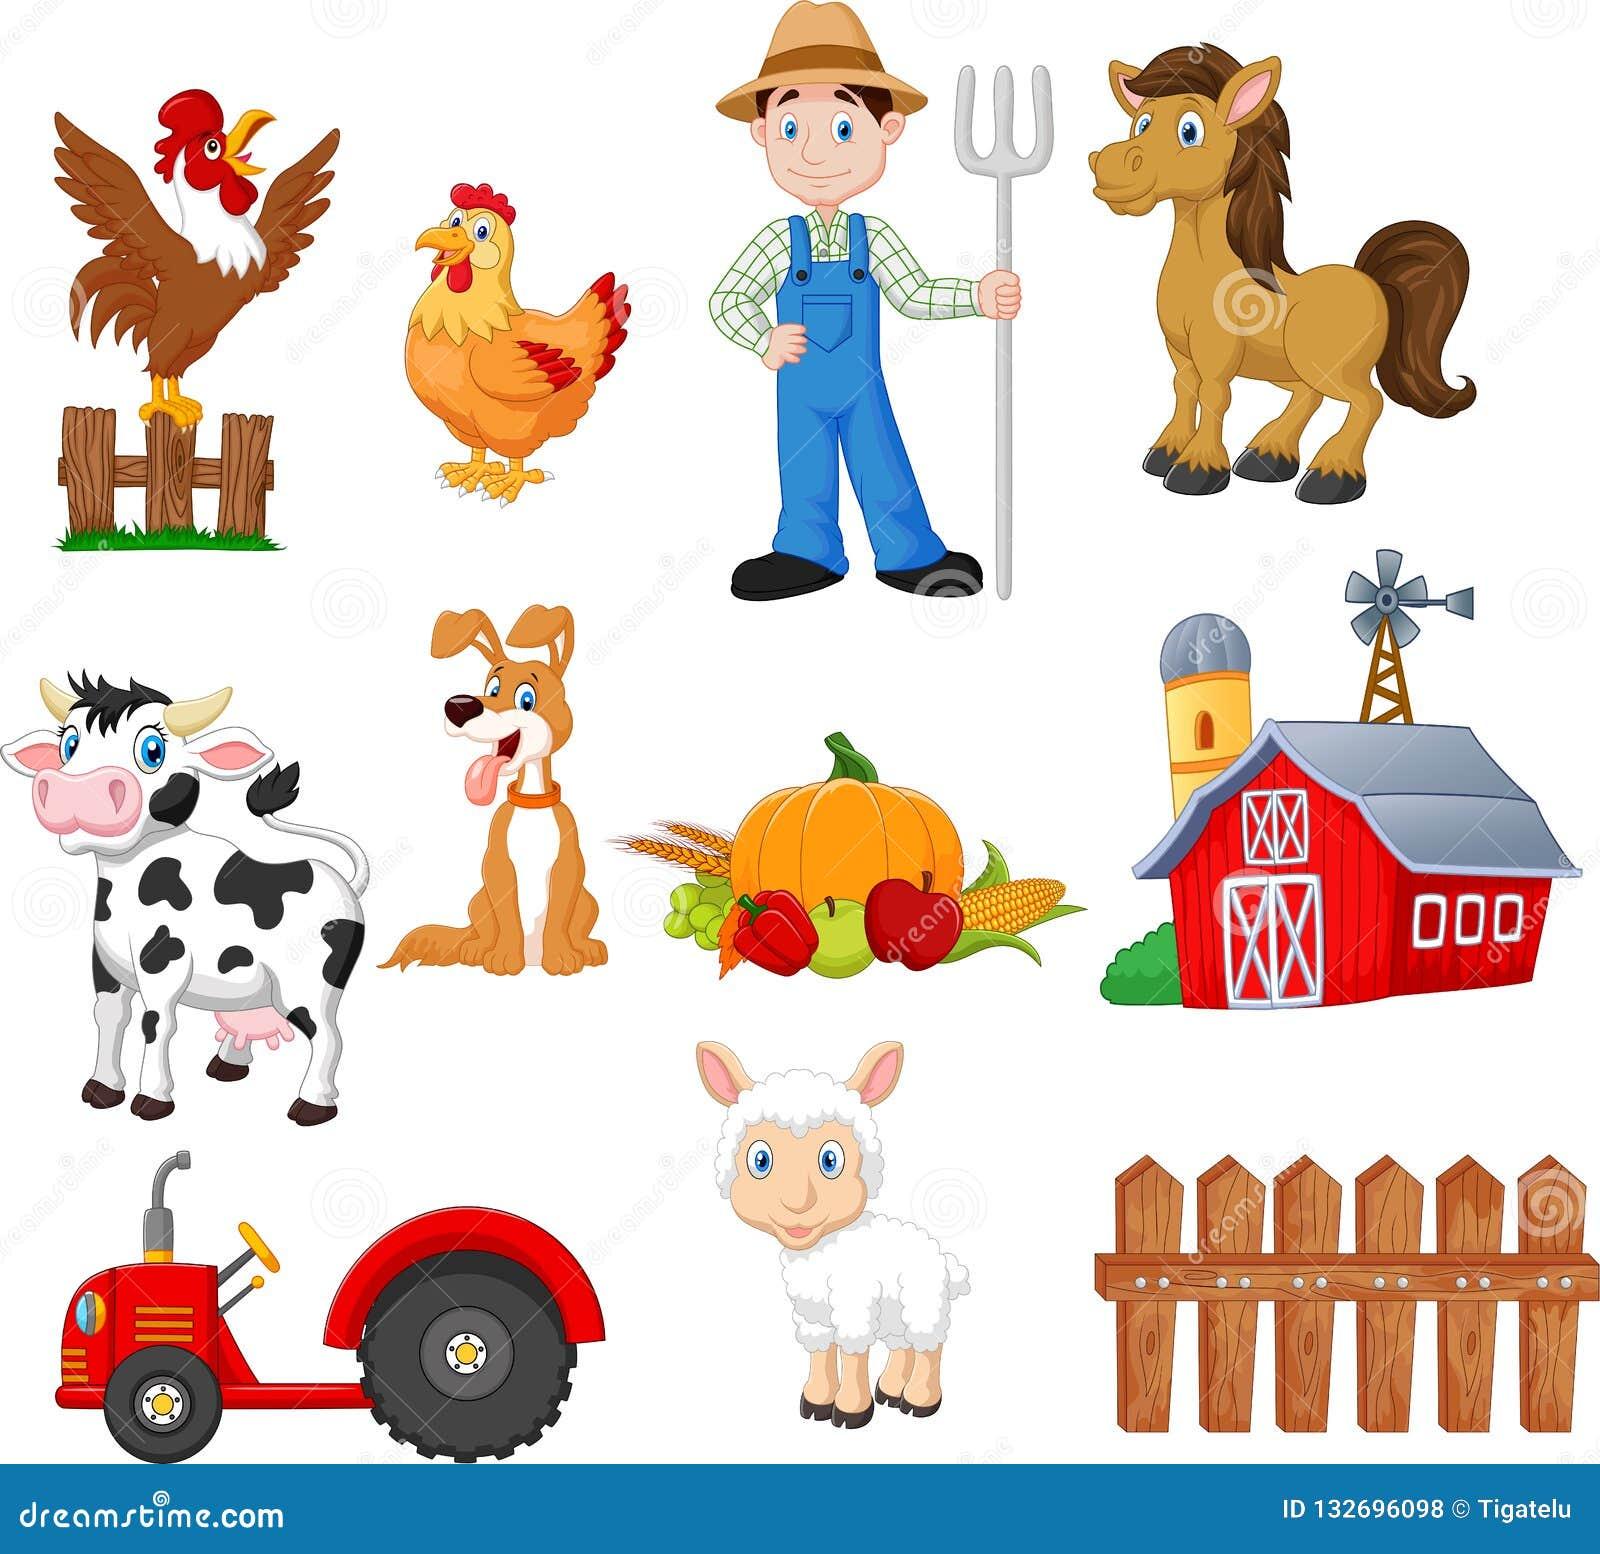 设置种田与农夫、拖拉机、谷仓、动物、水果和蔬菜的动画片